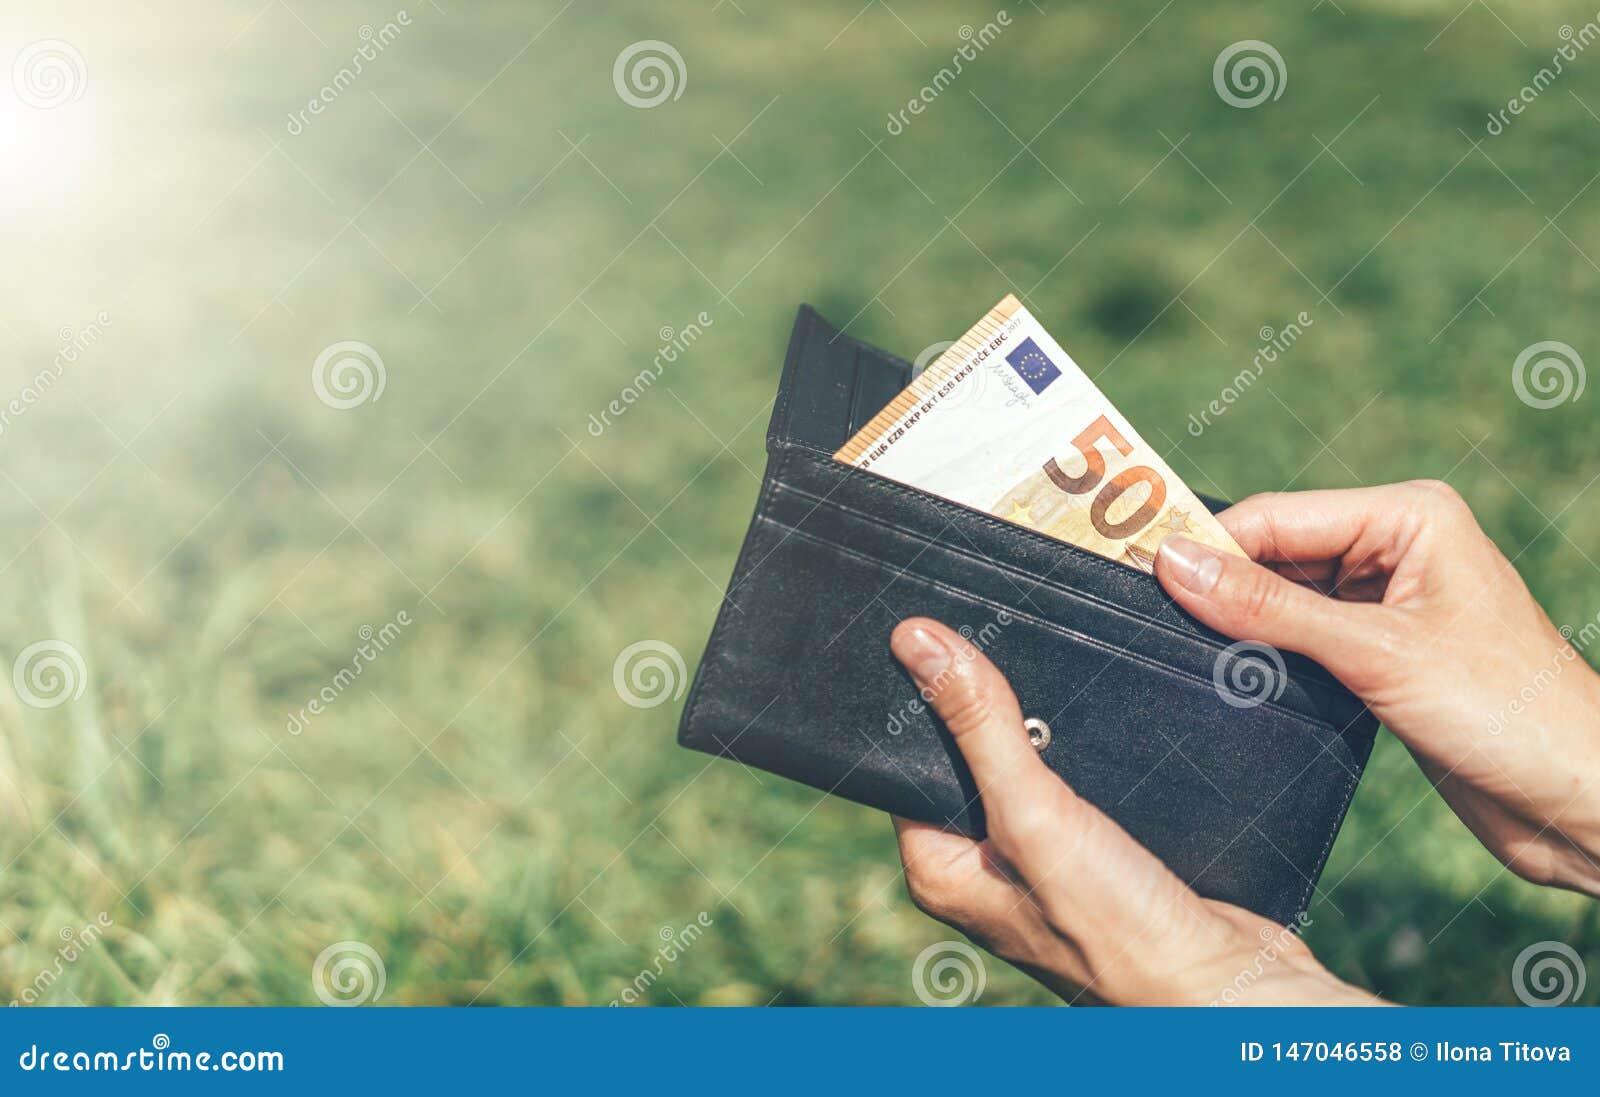 Handen drar en räkning av 50 euro från plånboken